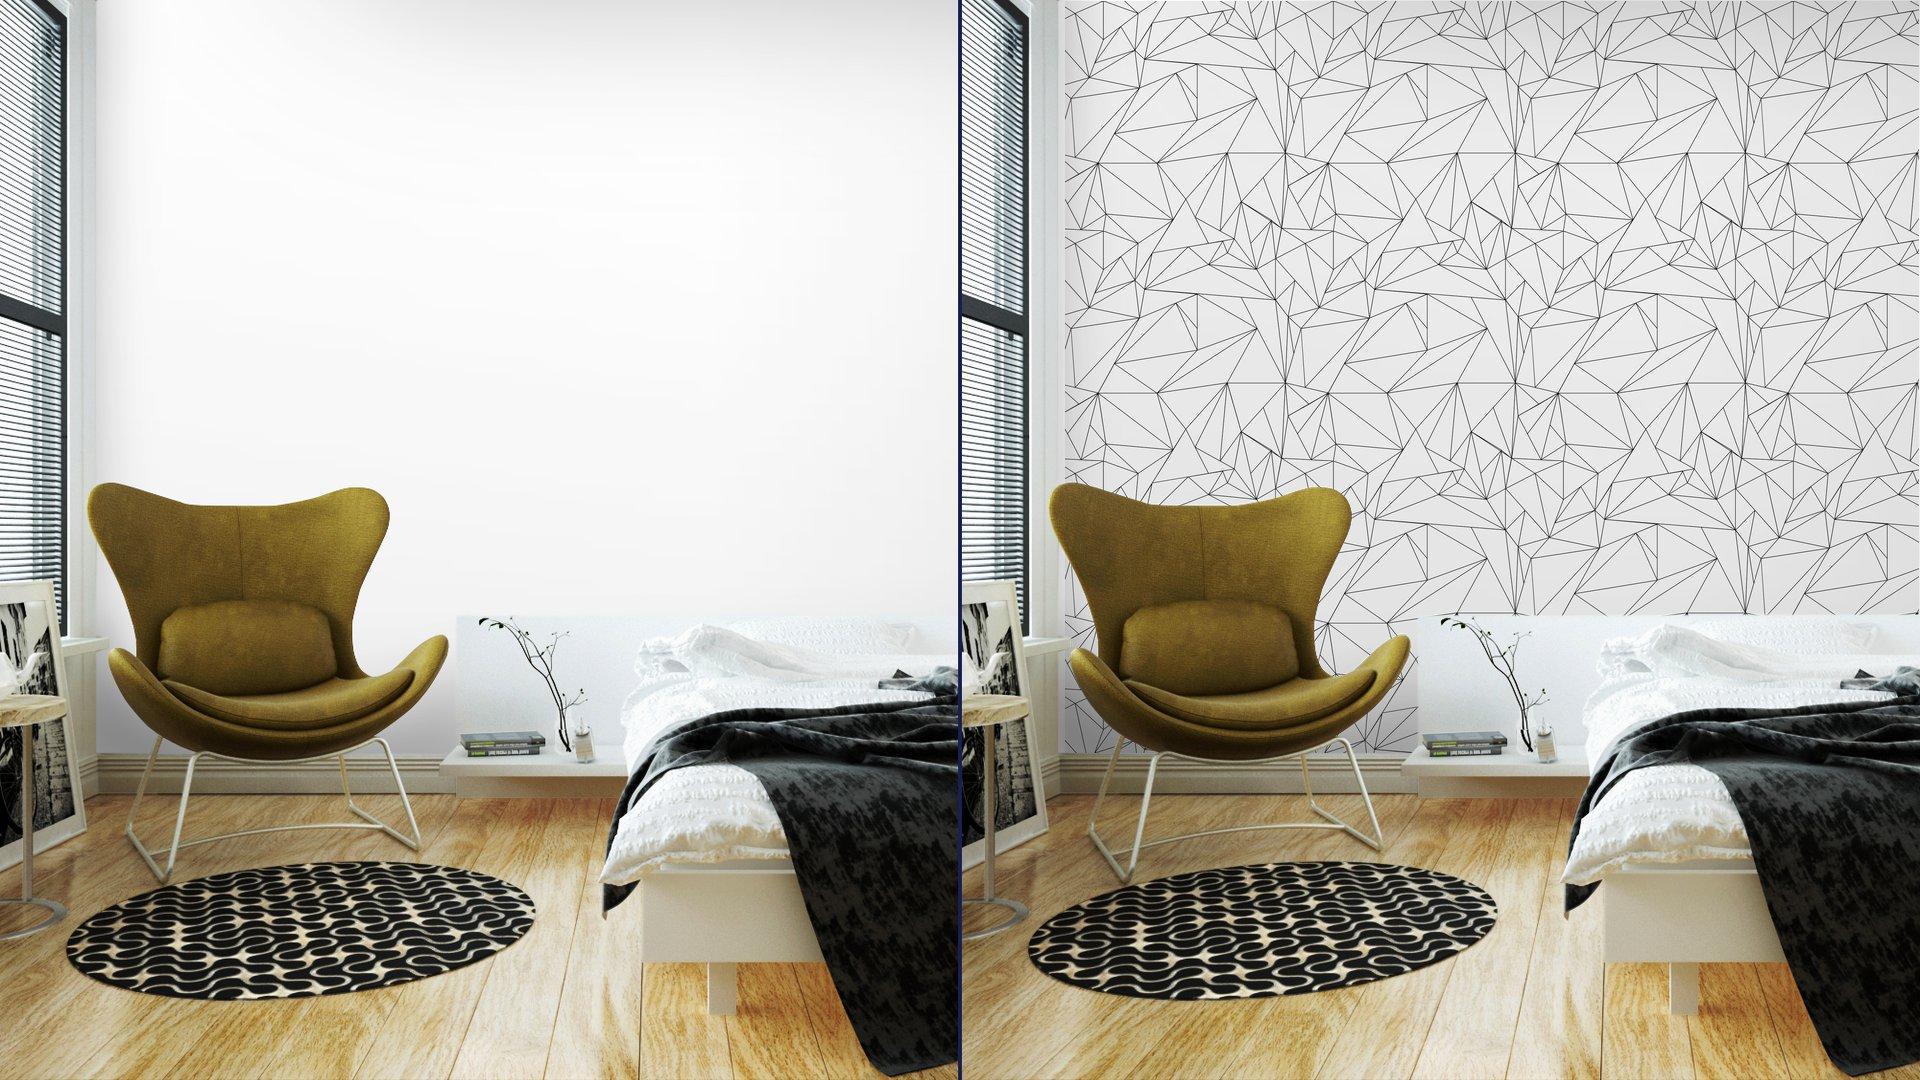 Fotomurales mexico papeles pintados lavables modelo geometrico blanco y negro simple minimalista triangulos o vidriera se puede utilizar como fondo de pantalla fondo o la textura 3 - Papel Tapiz Geométrico Minimalista Blanco Y Negro 01